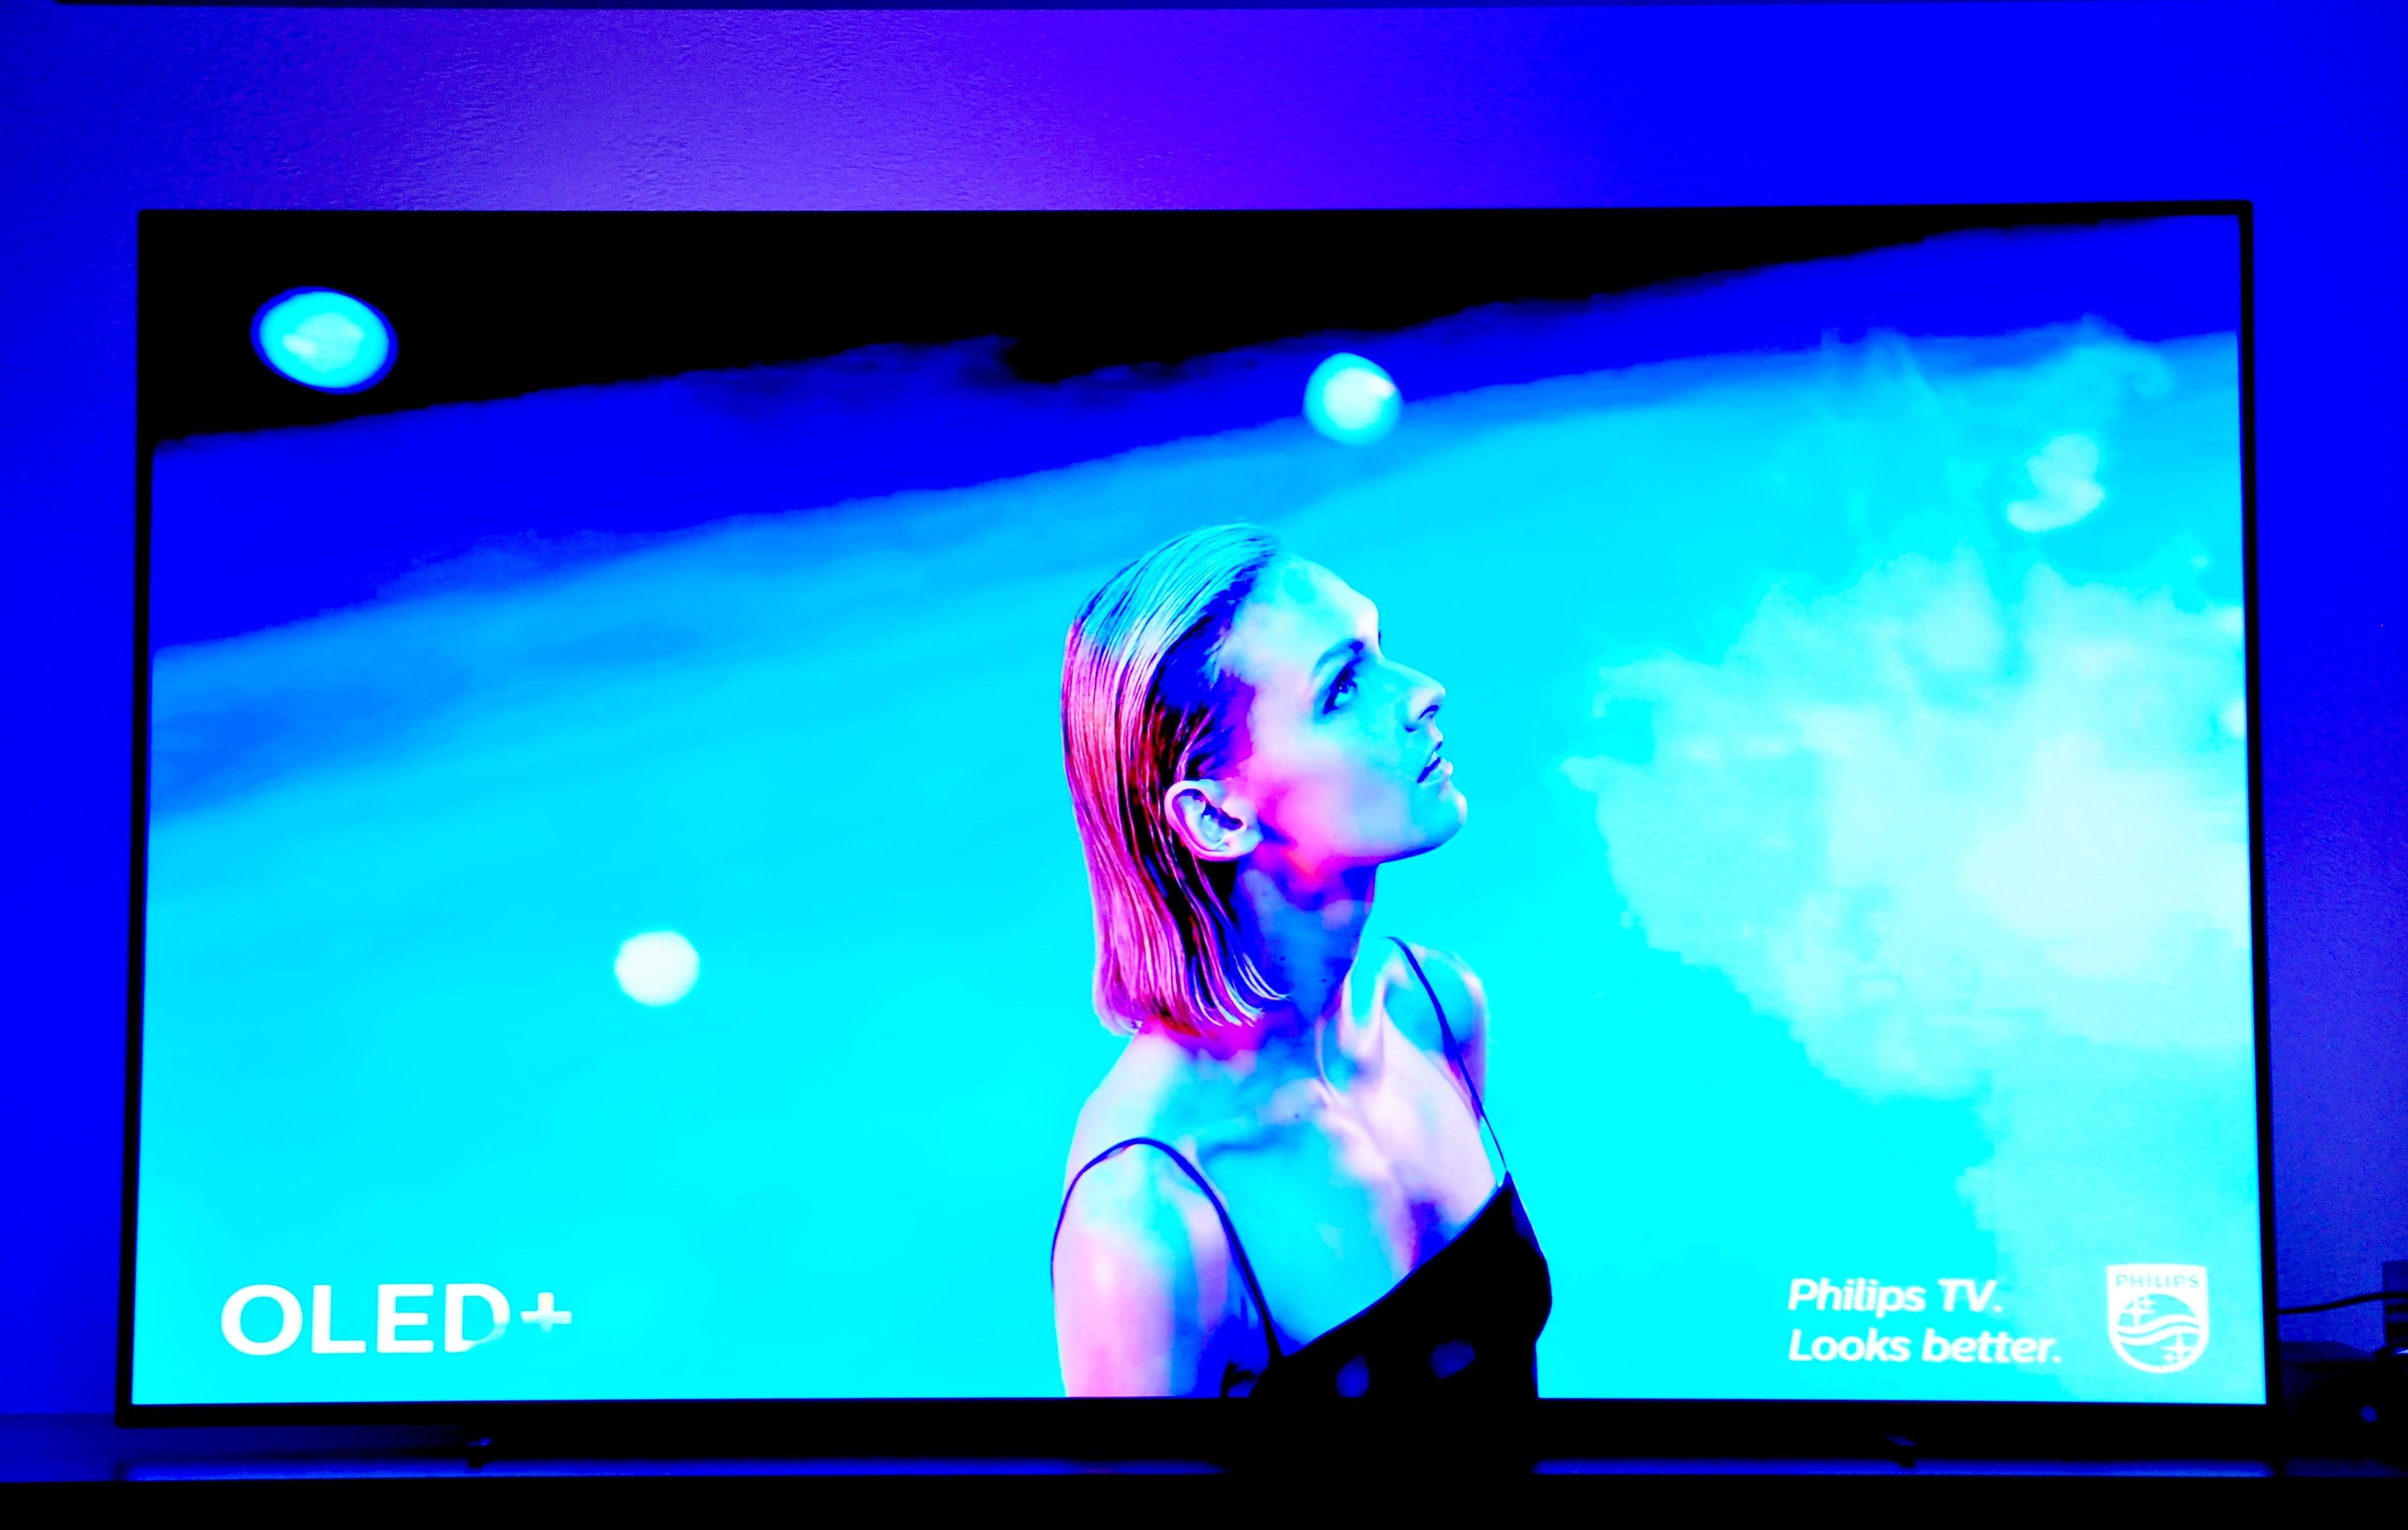 Recenzja Philips OLED 803/12 - Ambient obrazu i dźwięku 23